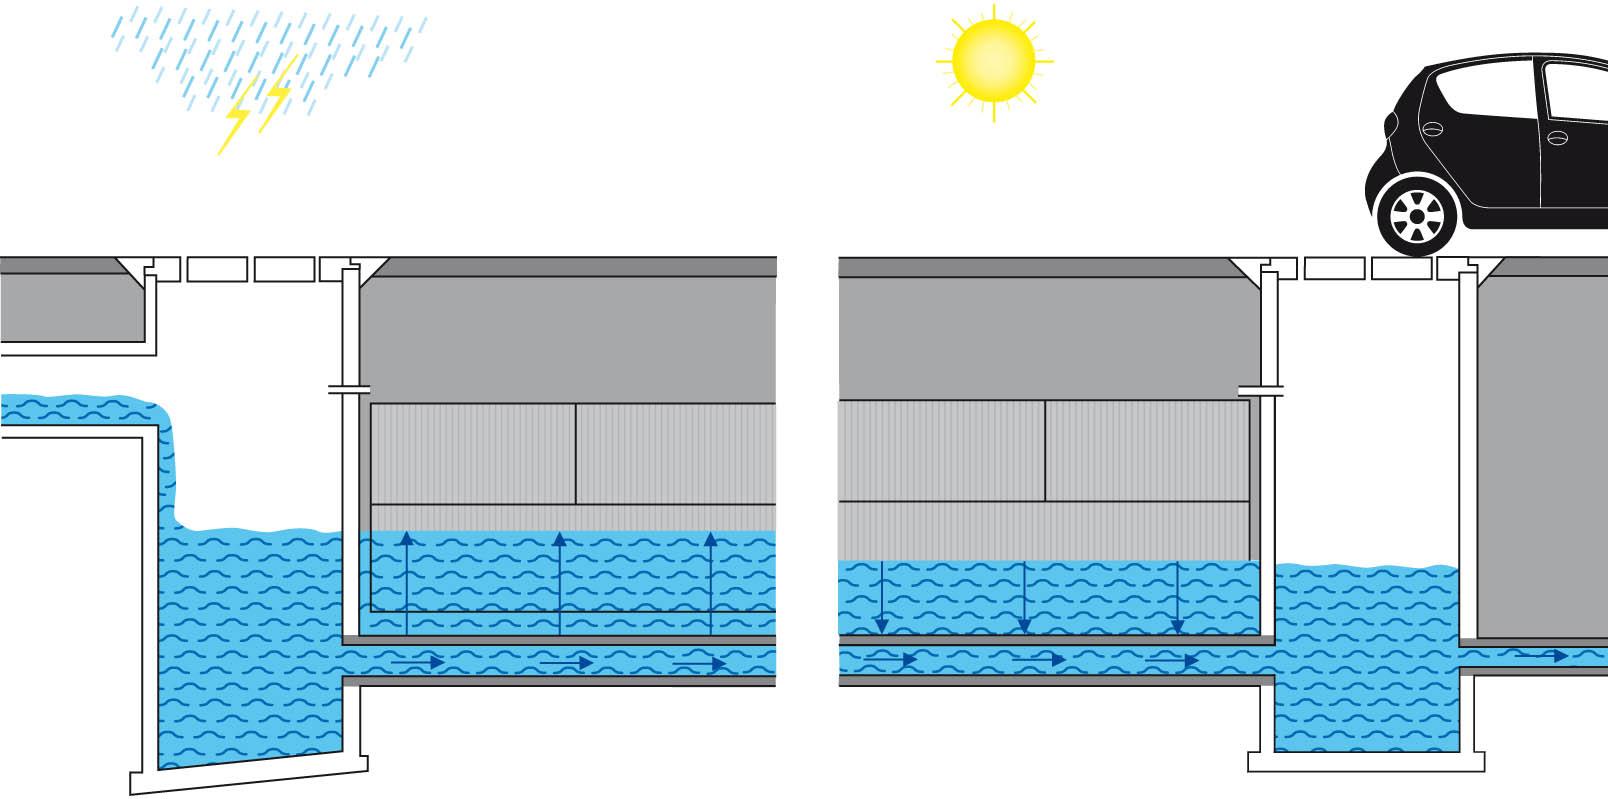 Watersys ag gestion des eaux - Masse volumique gravier ...